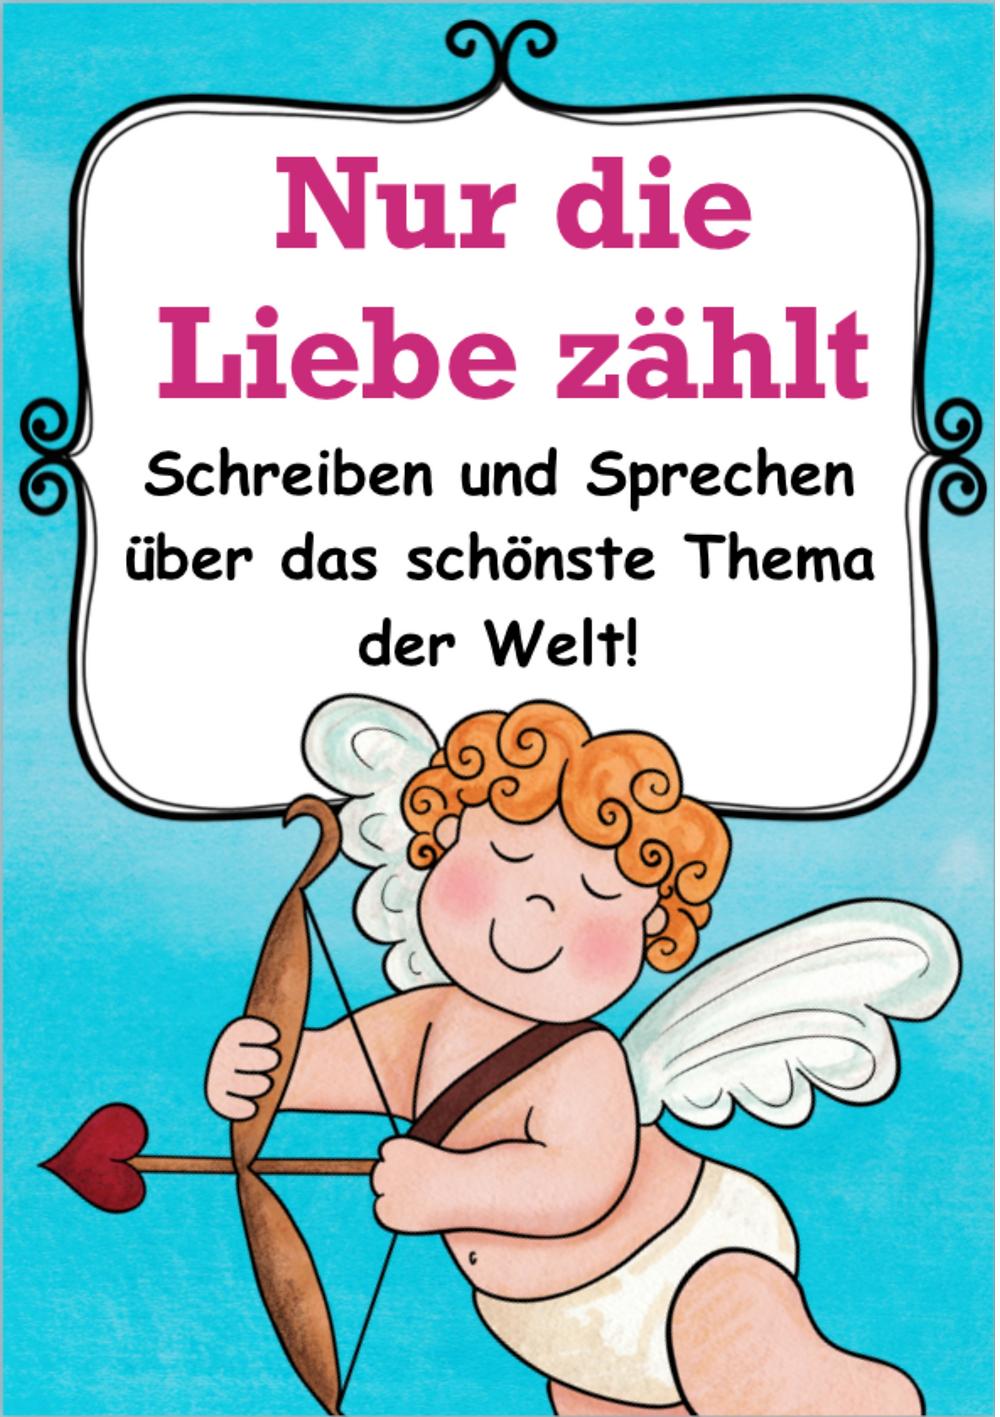 Nur die Liebe zählt - Unterrichtsmaterial für Deutsch bei eduki